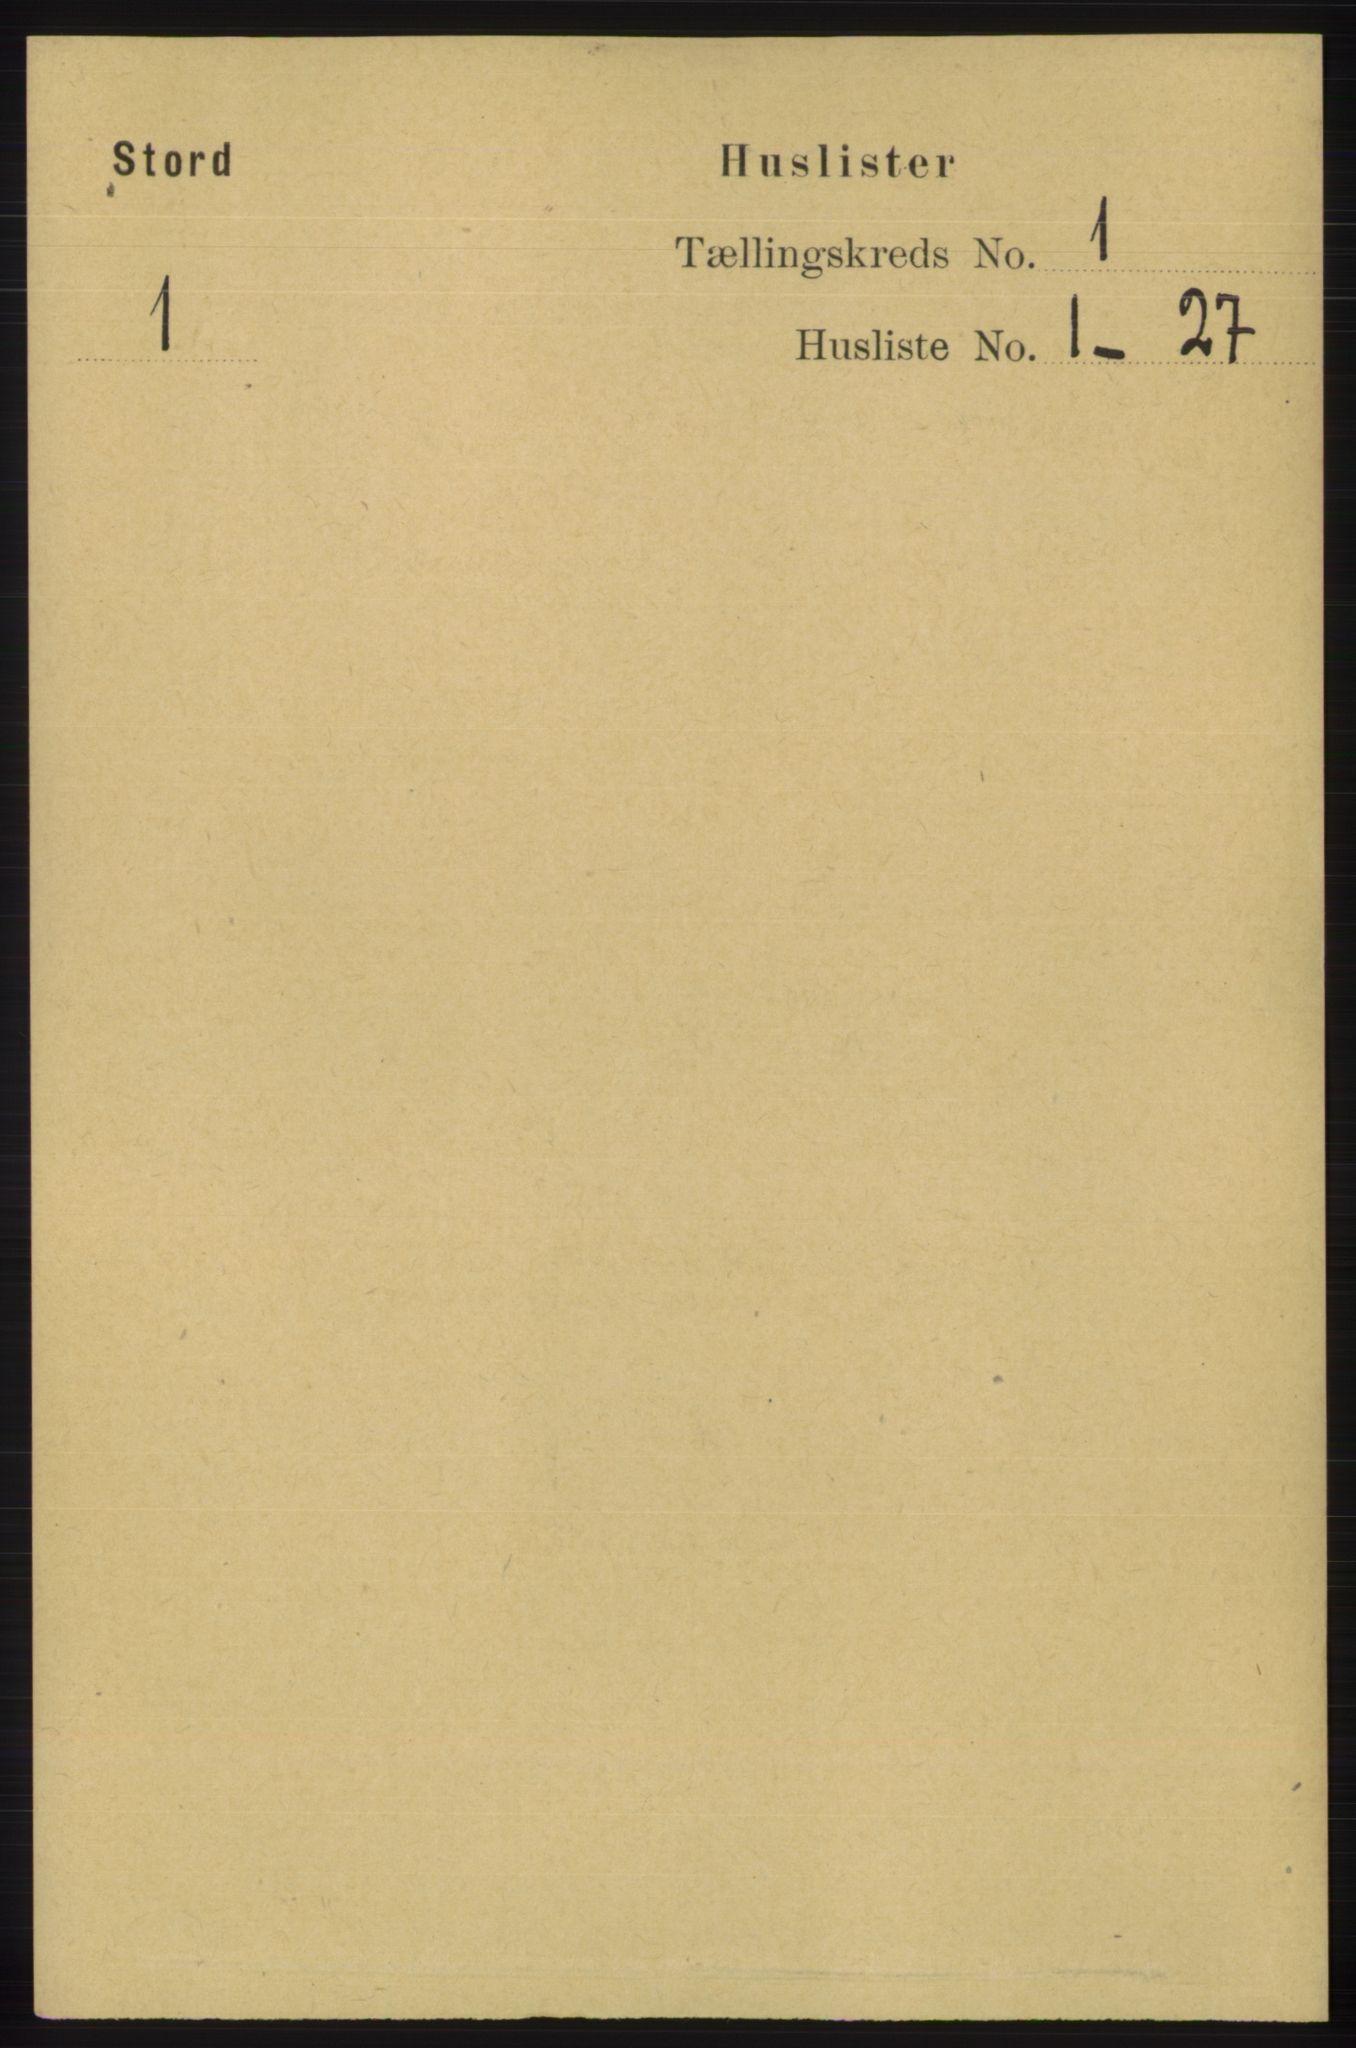 RA, Folketelling 1891 for 1221 Stord herred, 1891, s. 18